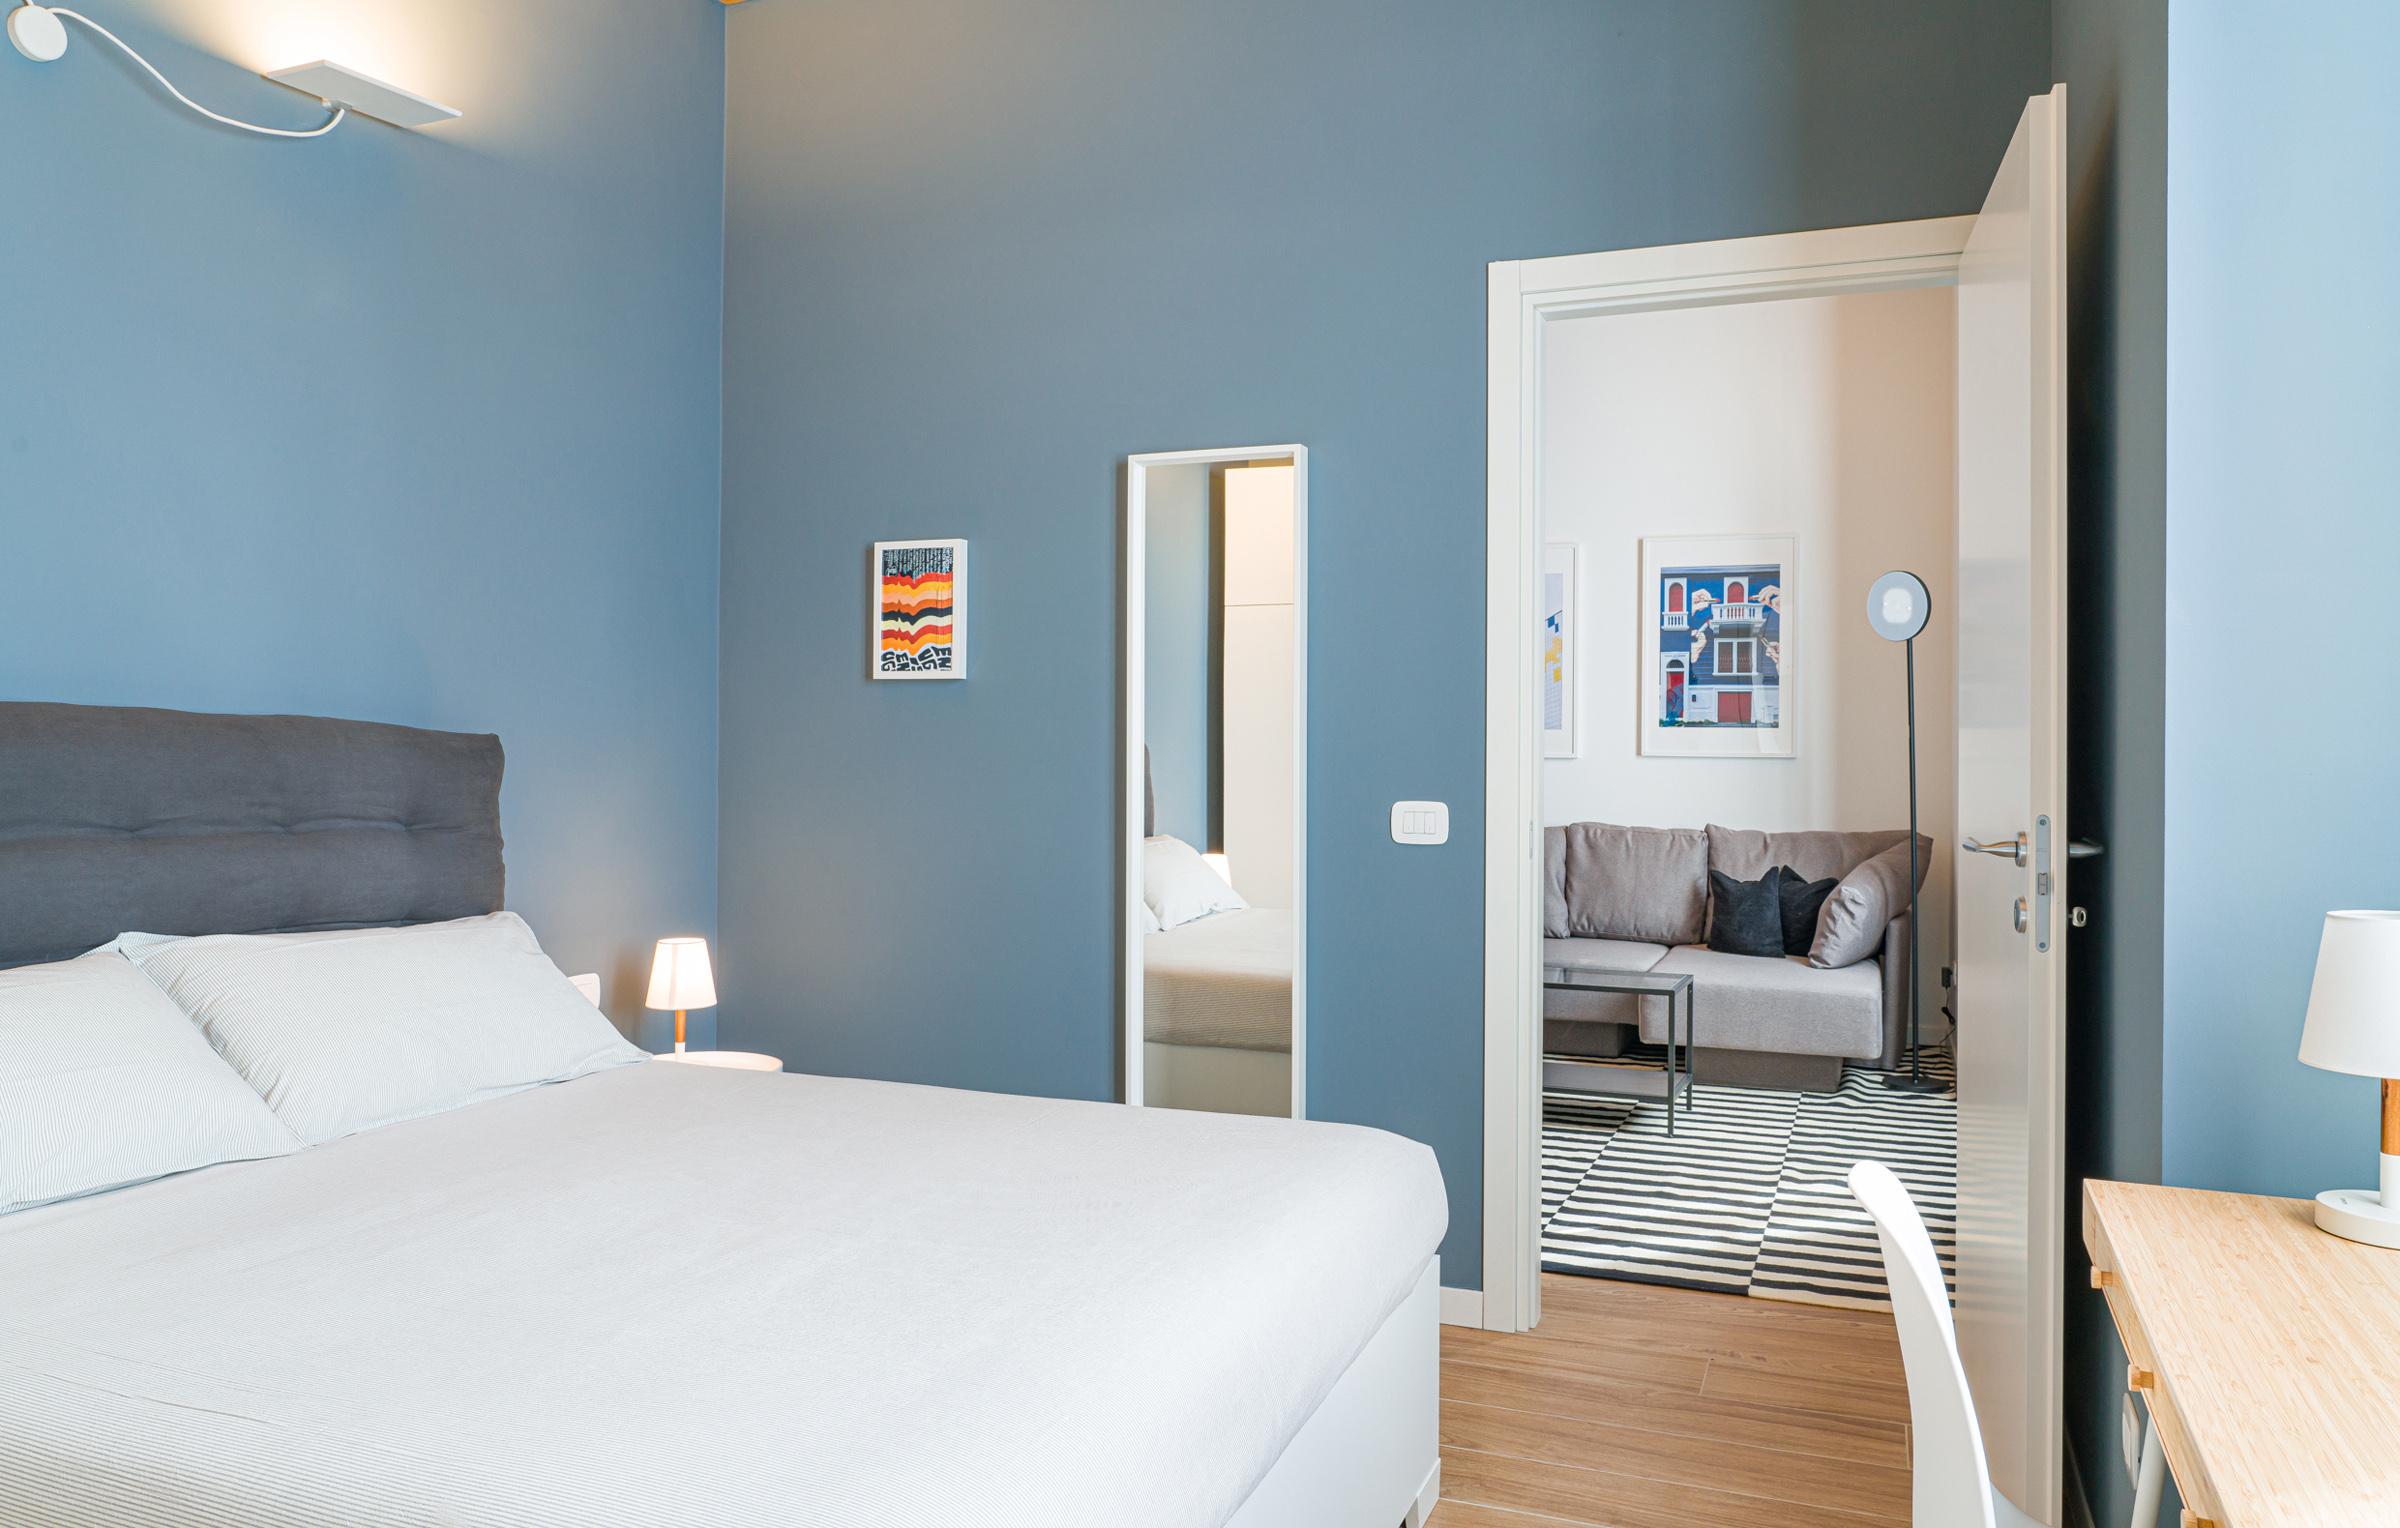 L'affitto dell'appartamento a Residenza Dergano include la biancheria da letto e da bagno